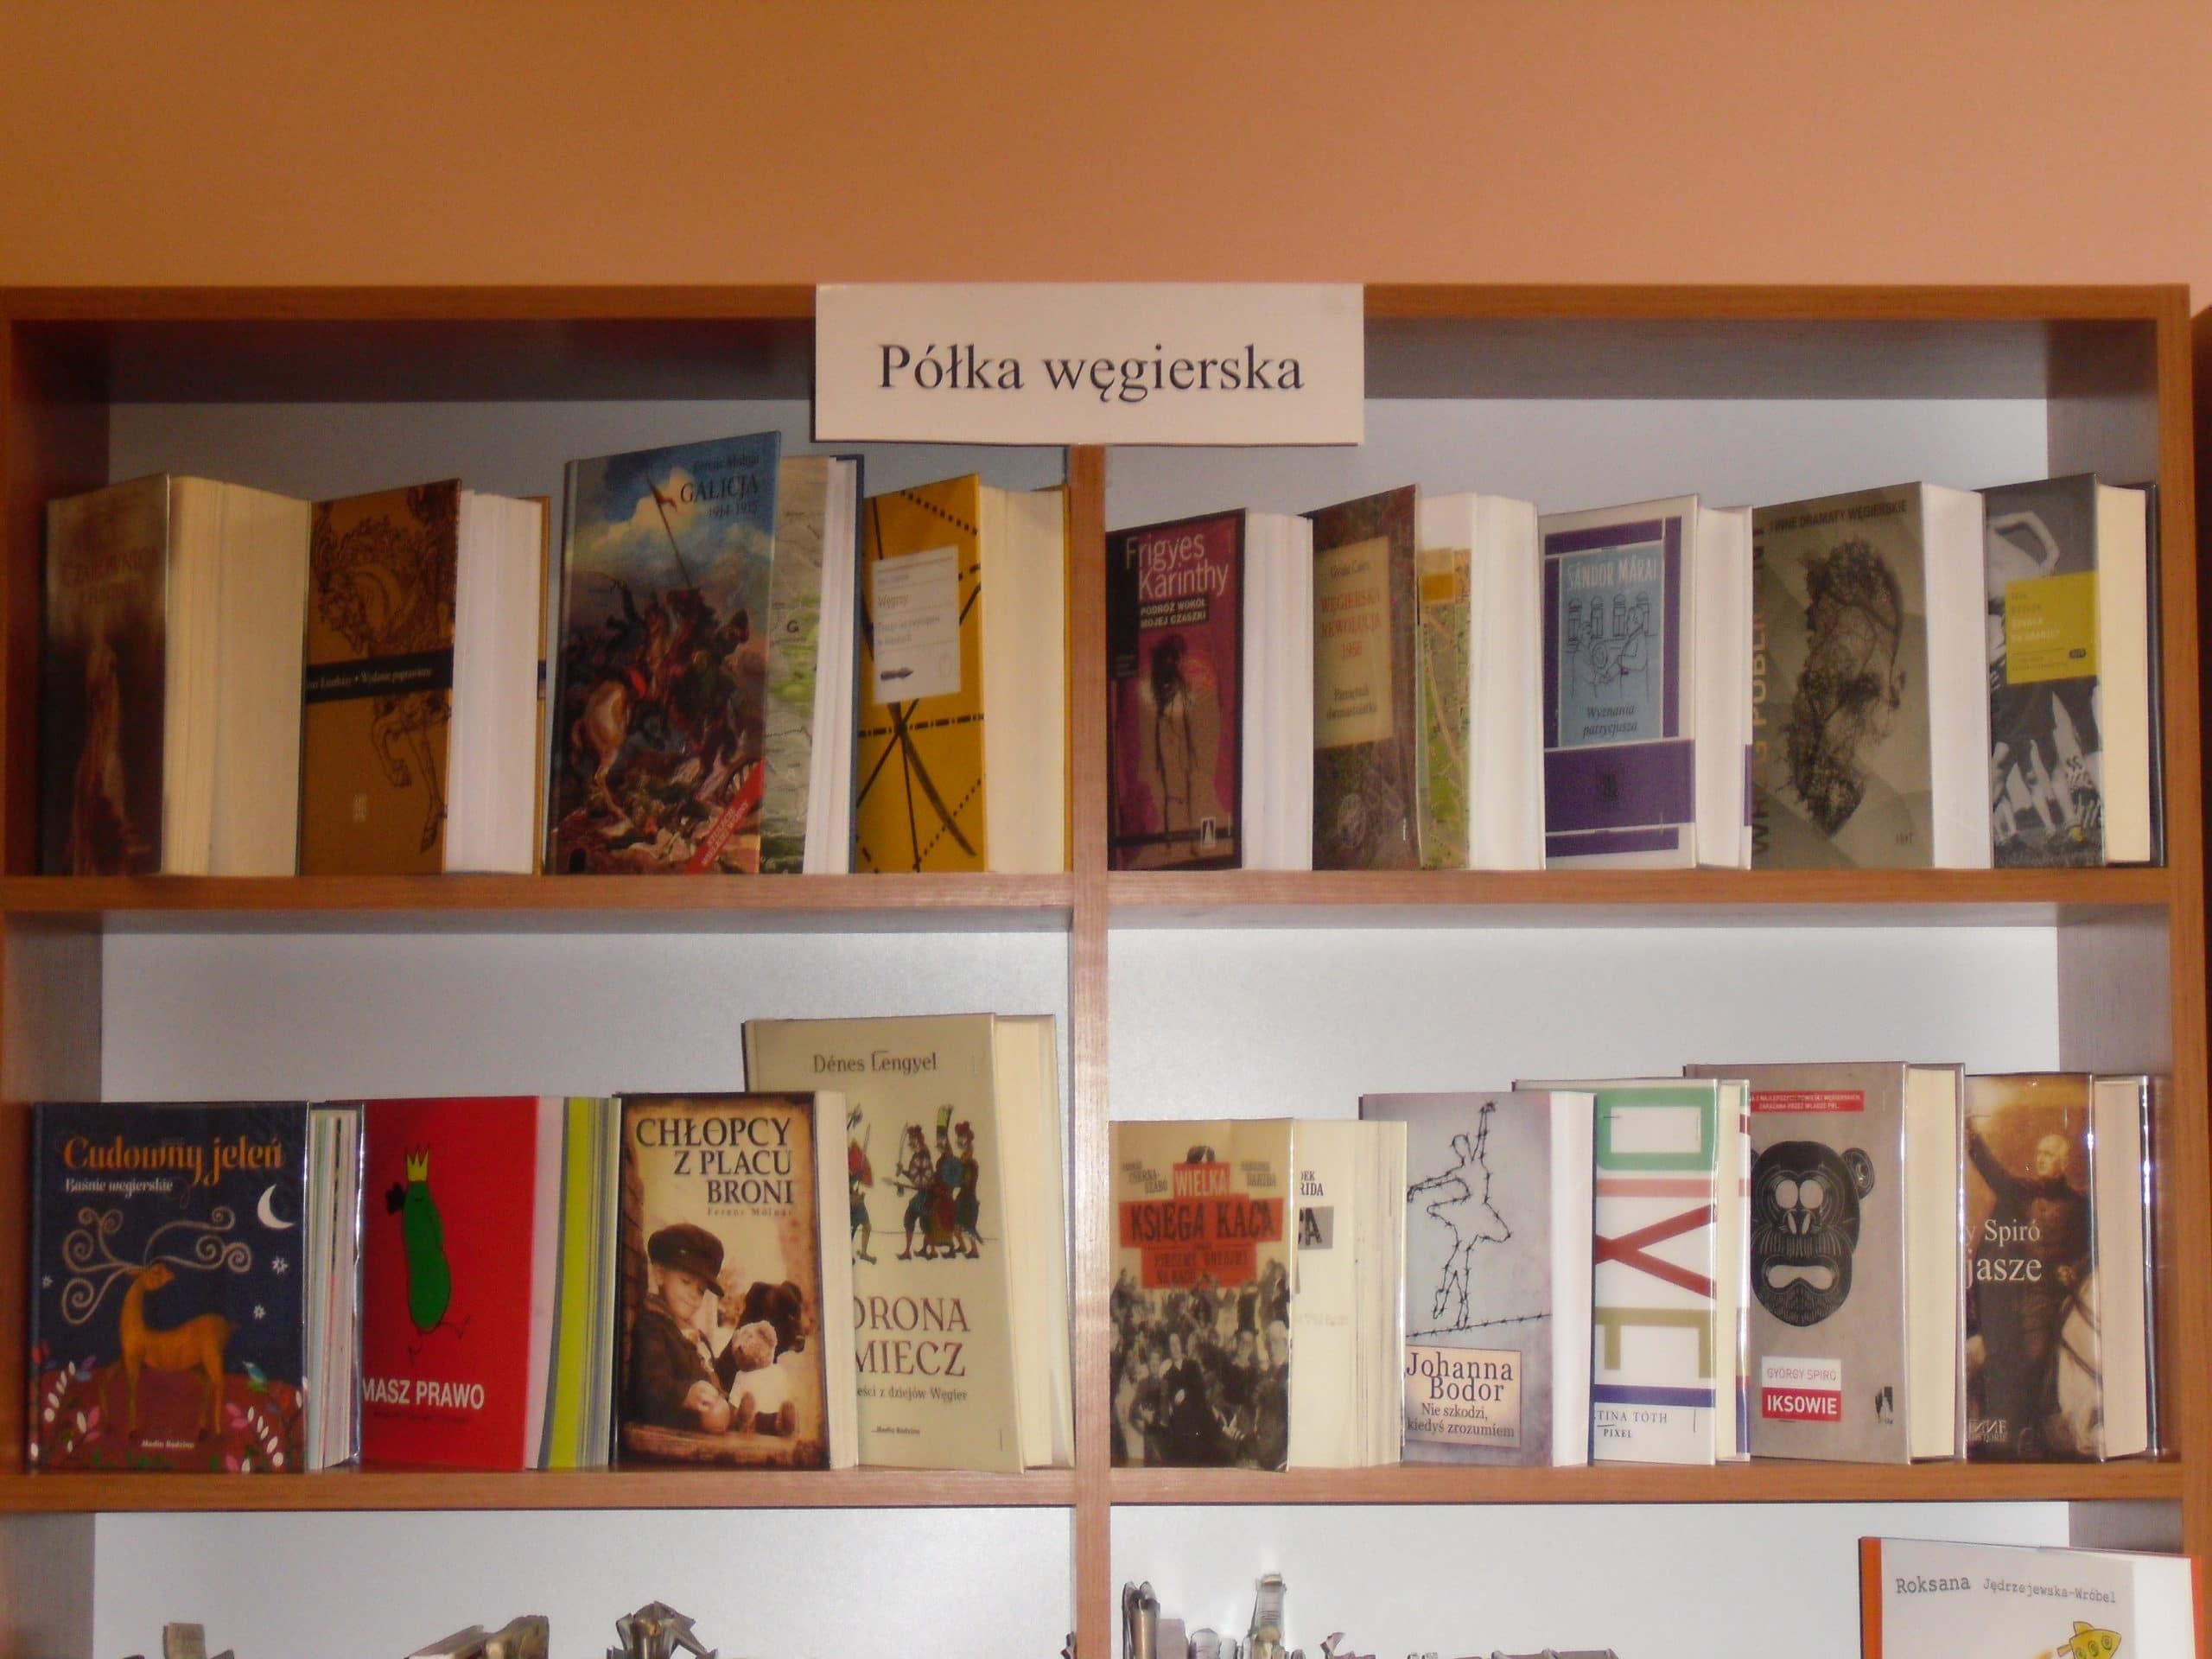 Literatura węgierska w Łysej Górze